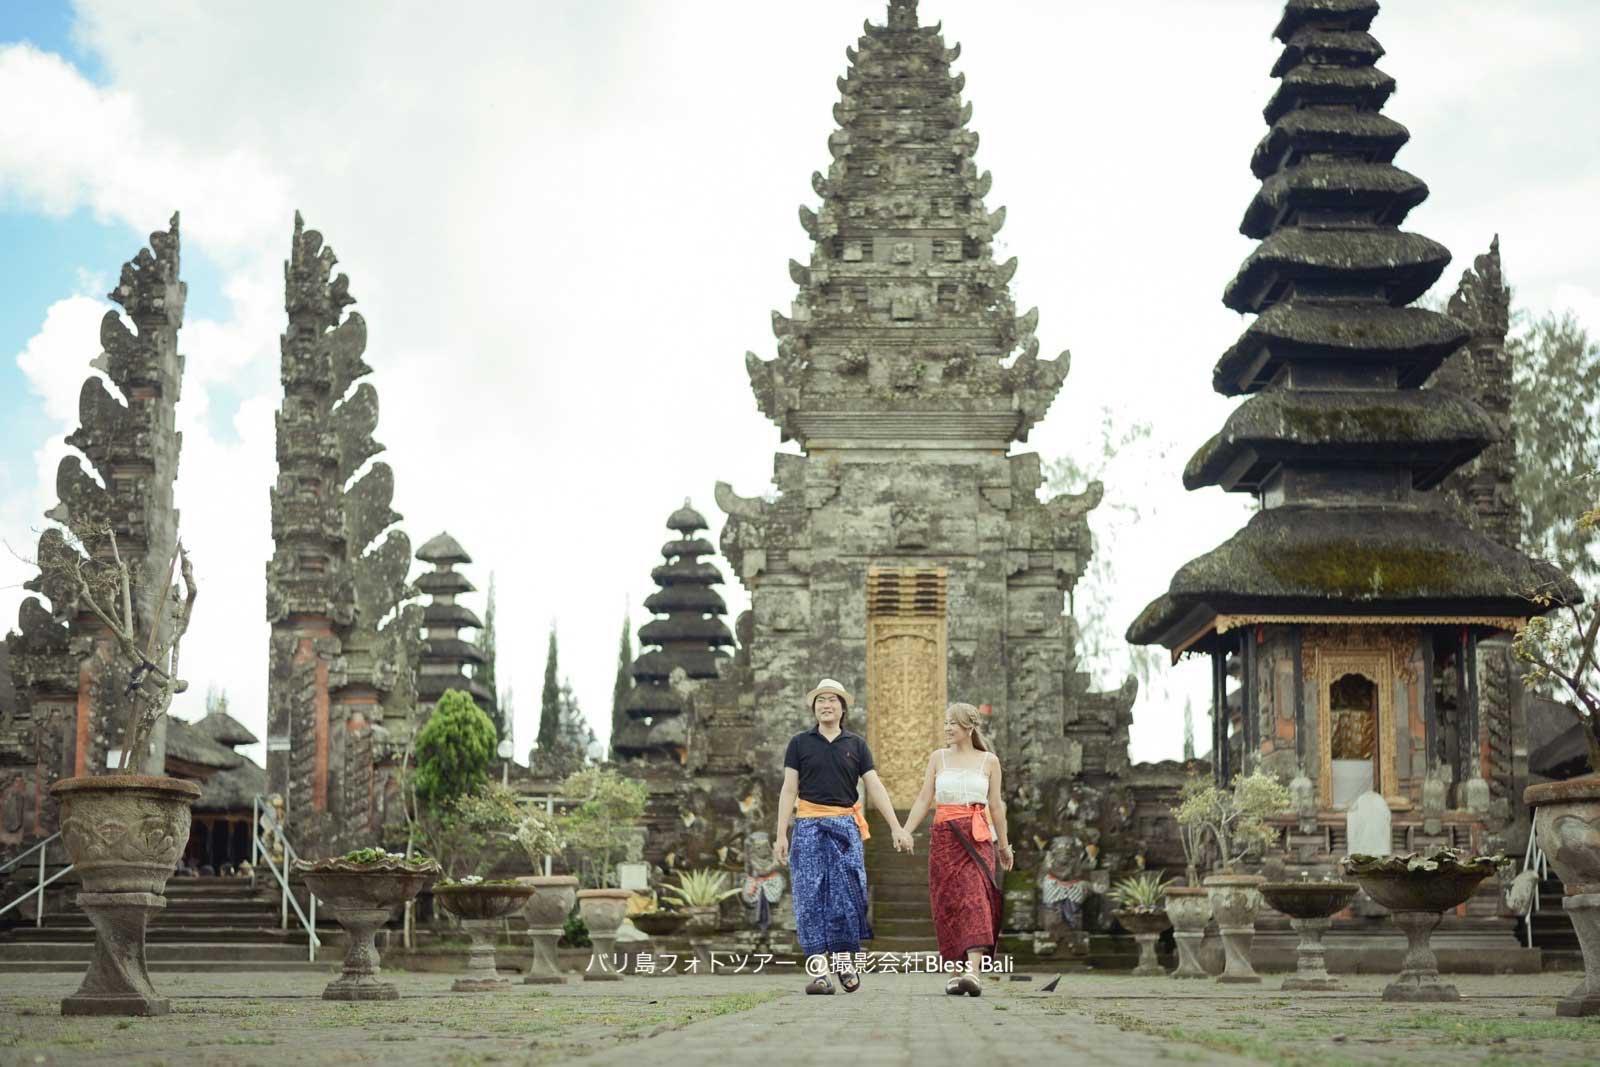 バリ島バトゥール寺院